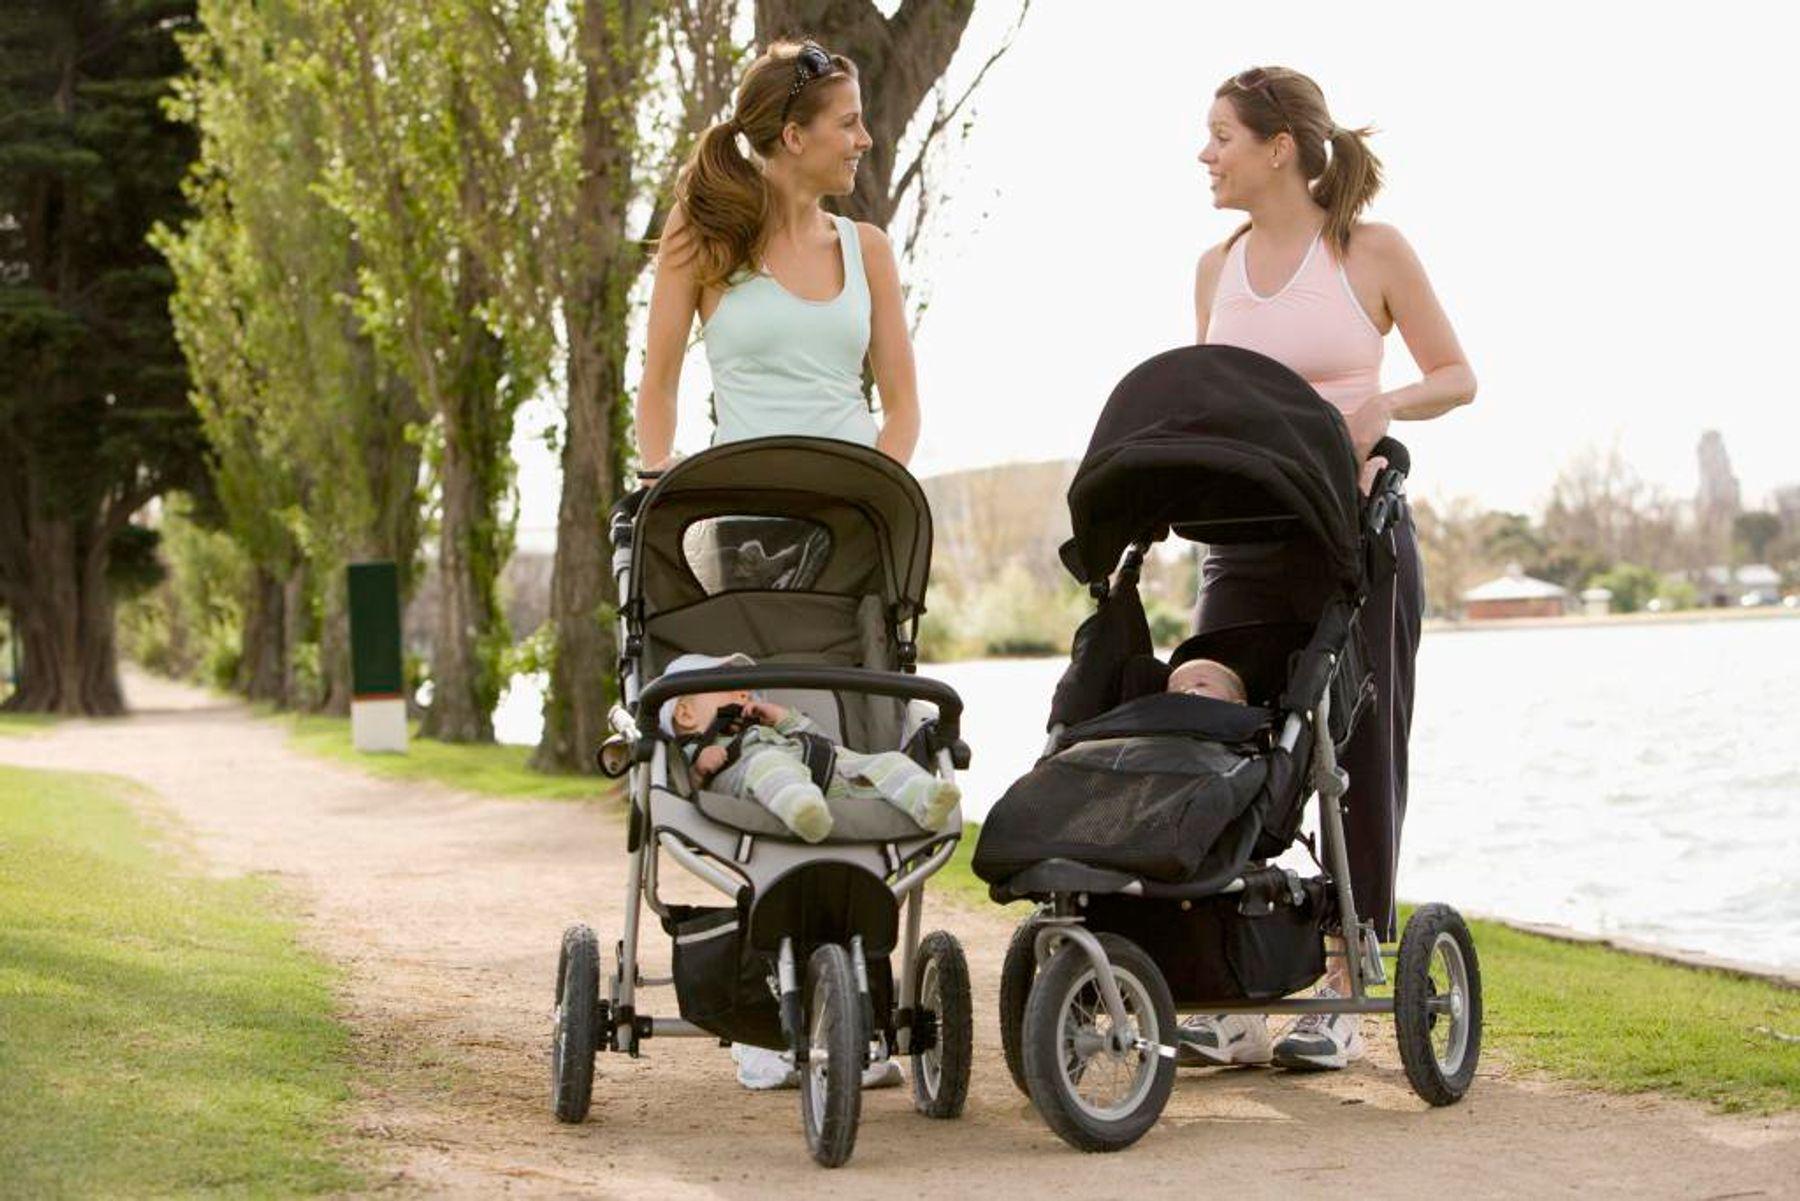 Che chắn cẩn thận khi ra nắng để chăm sóc da trẻ sơ sinh mùa hè